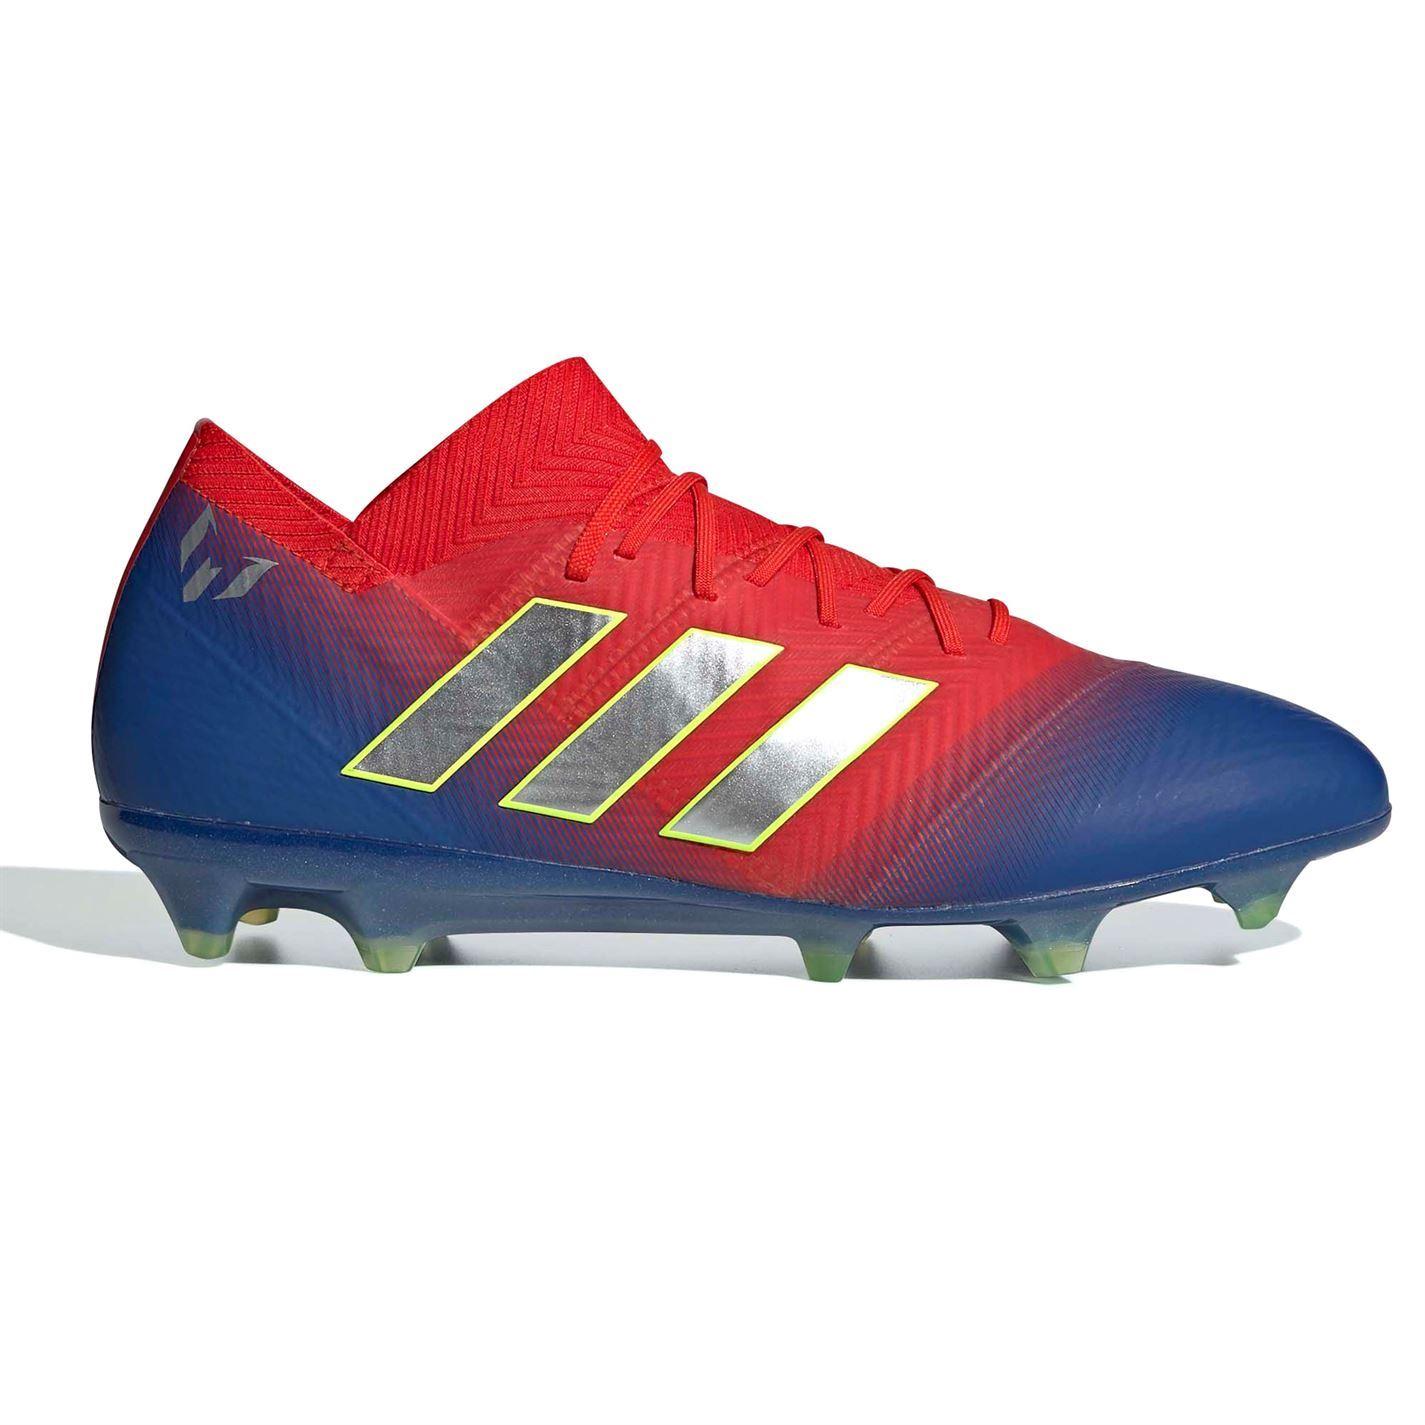 Détails sur Adidas nemeziz Messi 18.1 FG Firm Ground Chaussures De Football Homme Football Chaussures Crampons afficher le titre d'origine